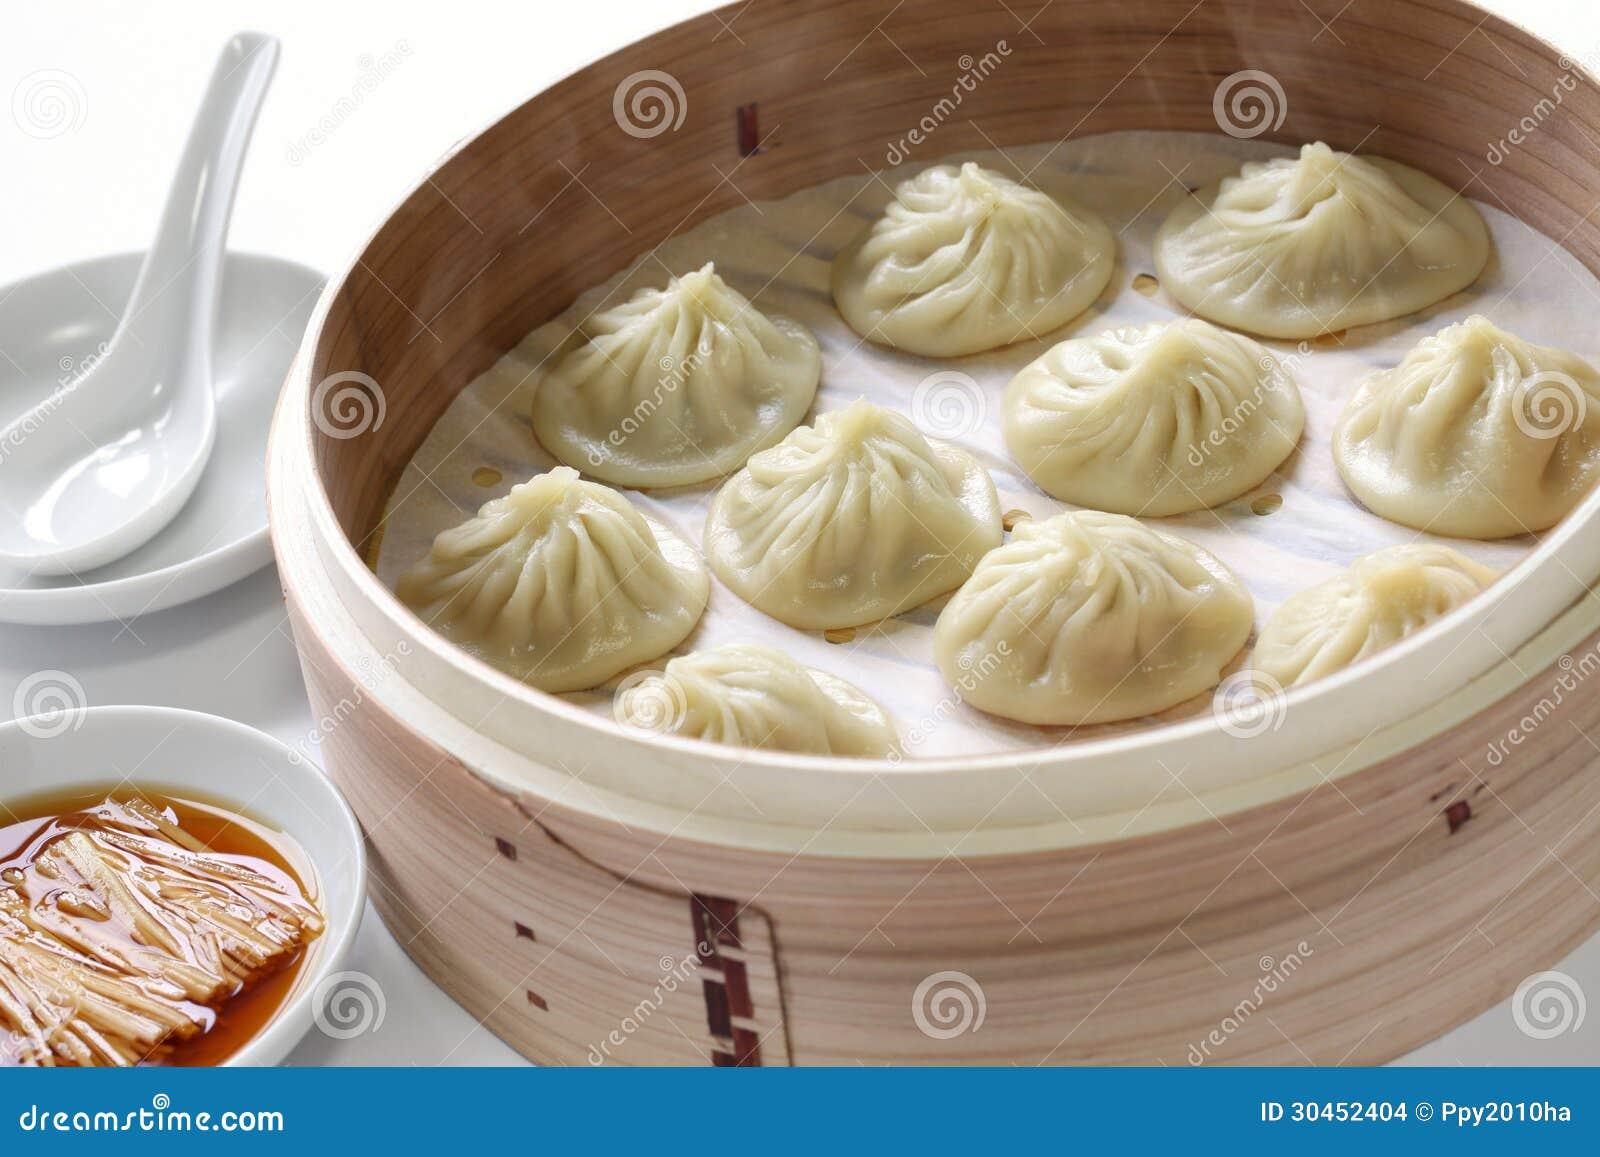 Soup Dumplings, Xiao Long Bao Stock Images - Image: 30452404